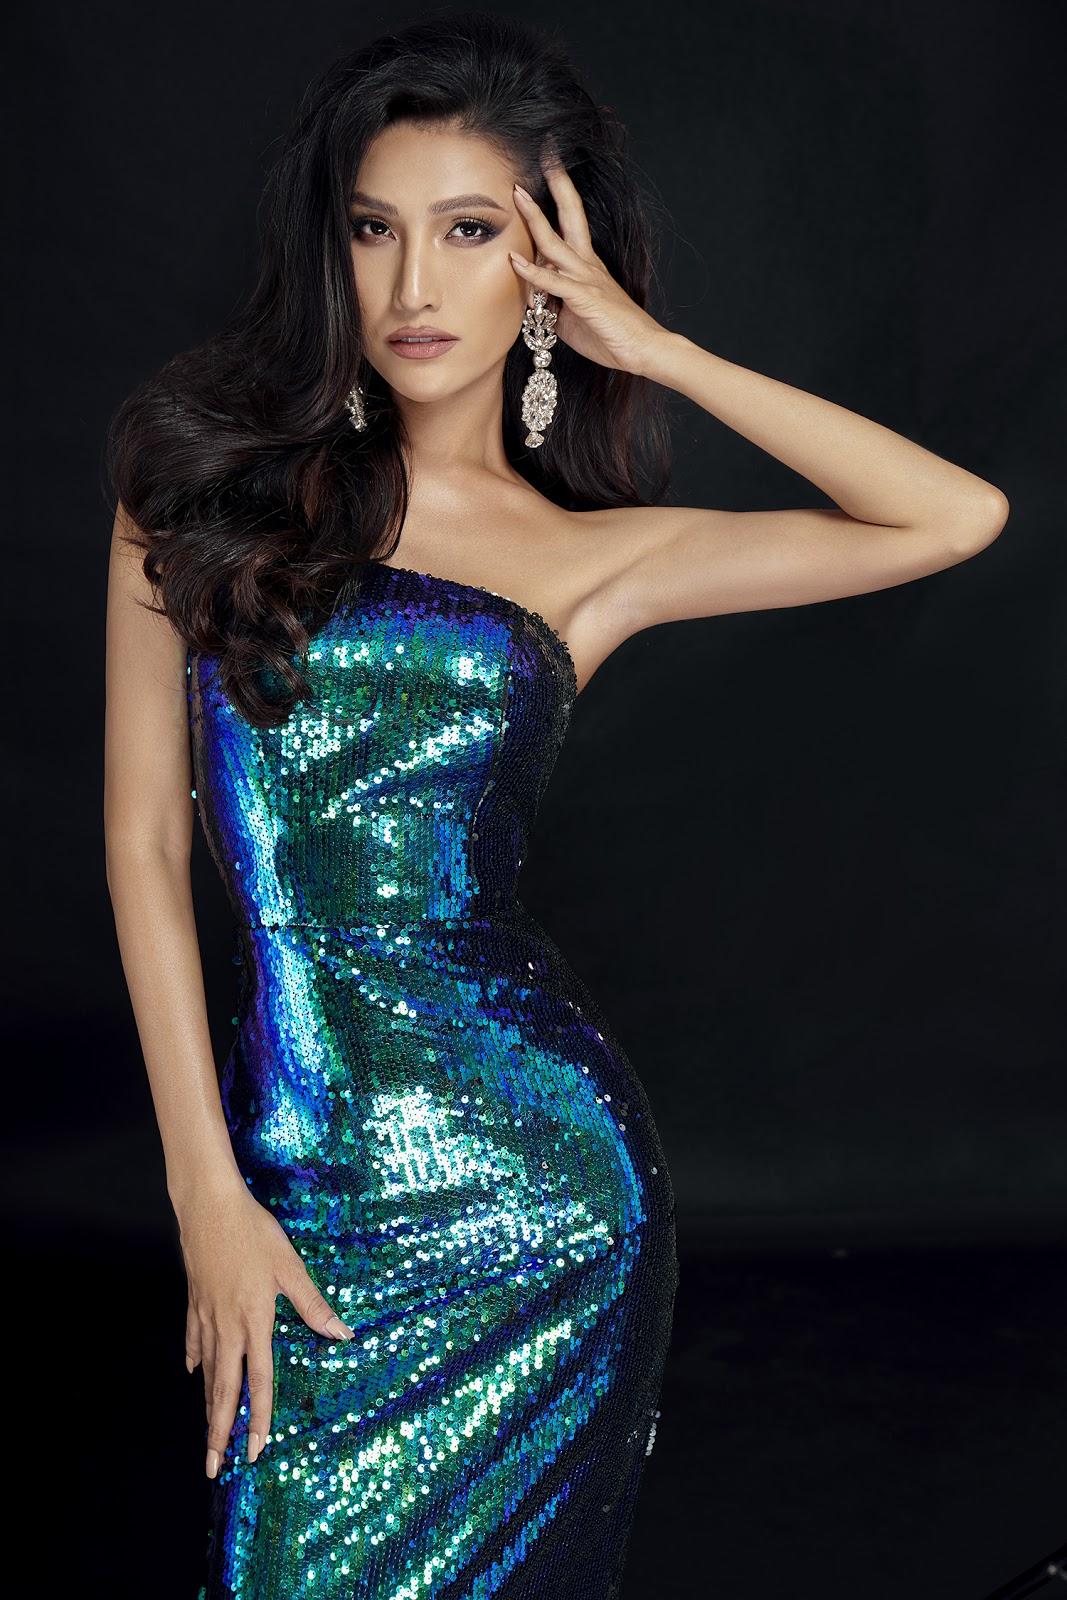 Ngắm trọn bộ ảnh của Hoài Sa trước khi lên đường tham dự Hoa hậu Chuyển giới Quốc tế - Hình 11